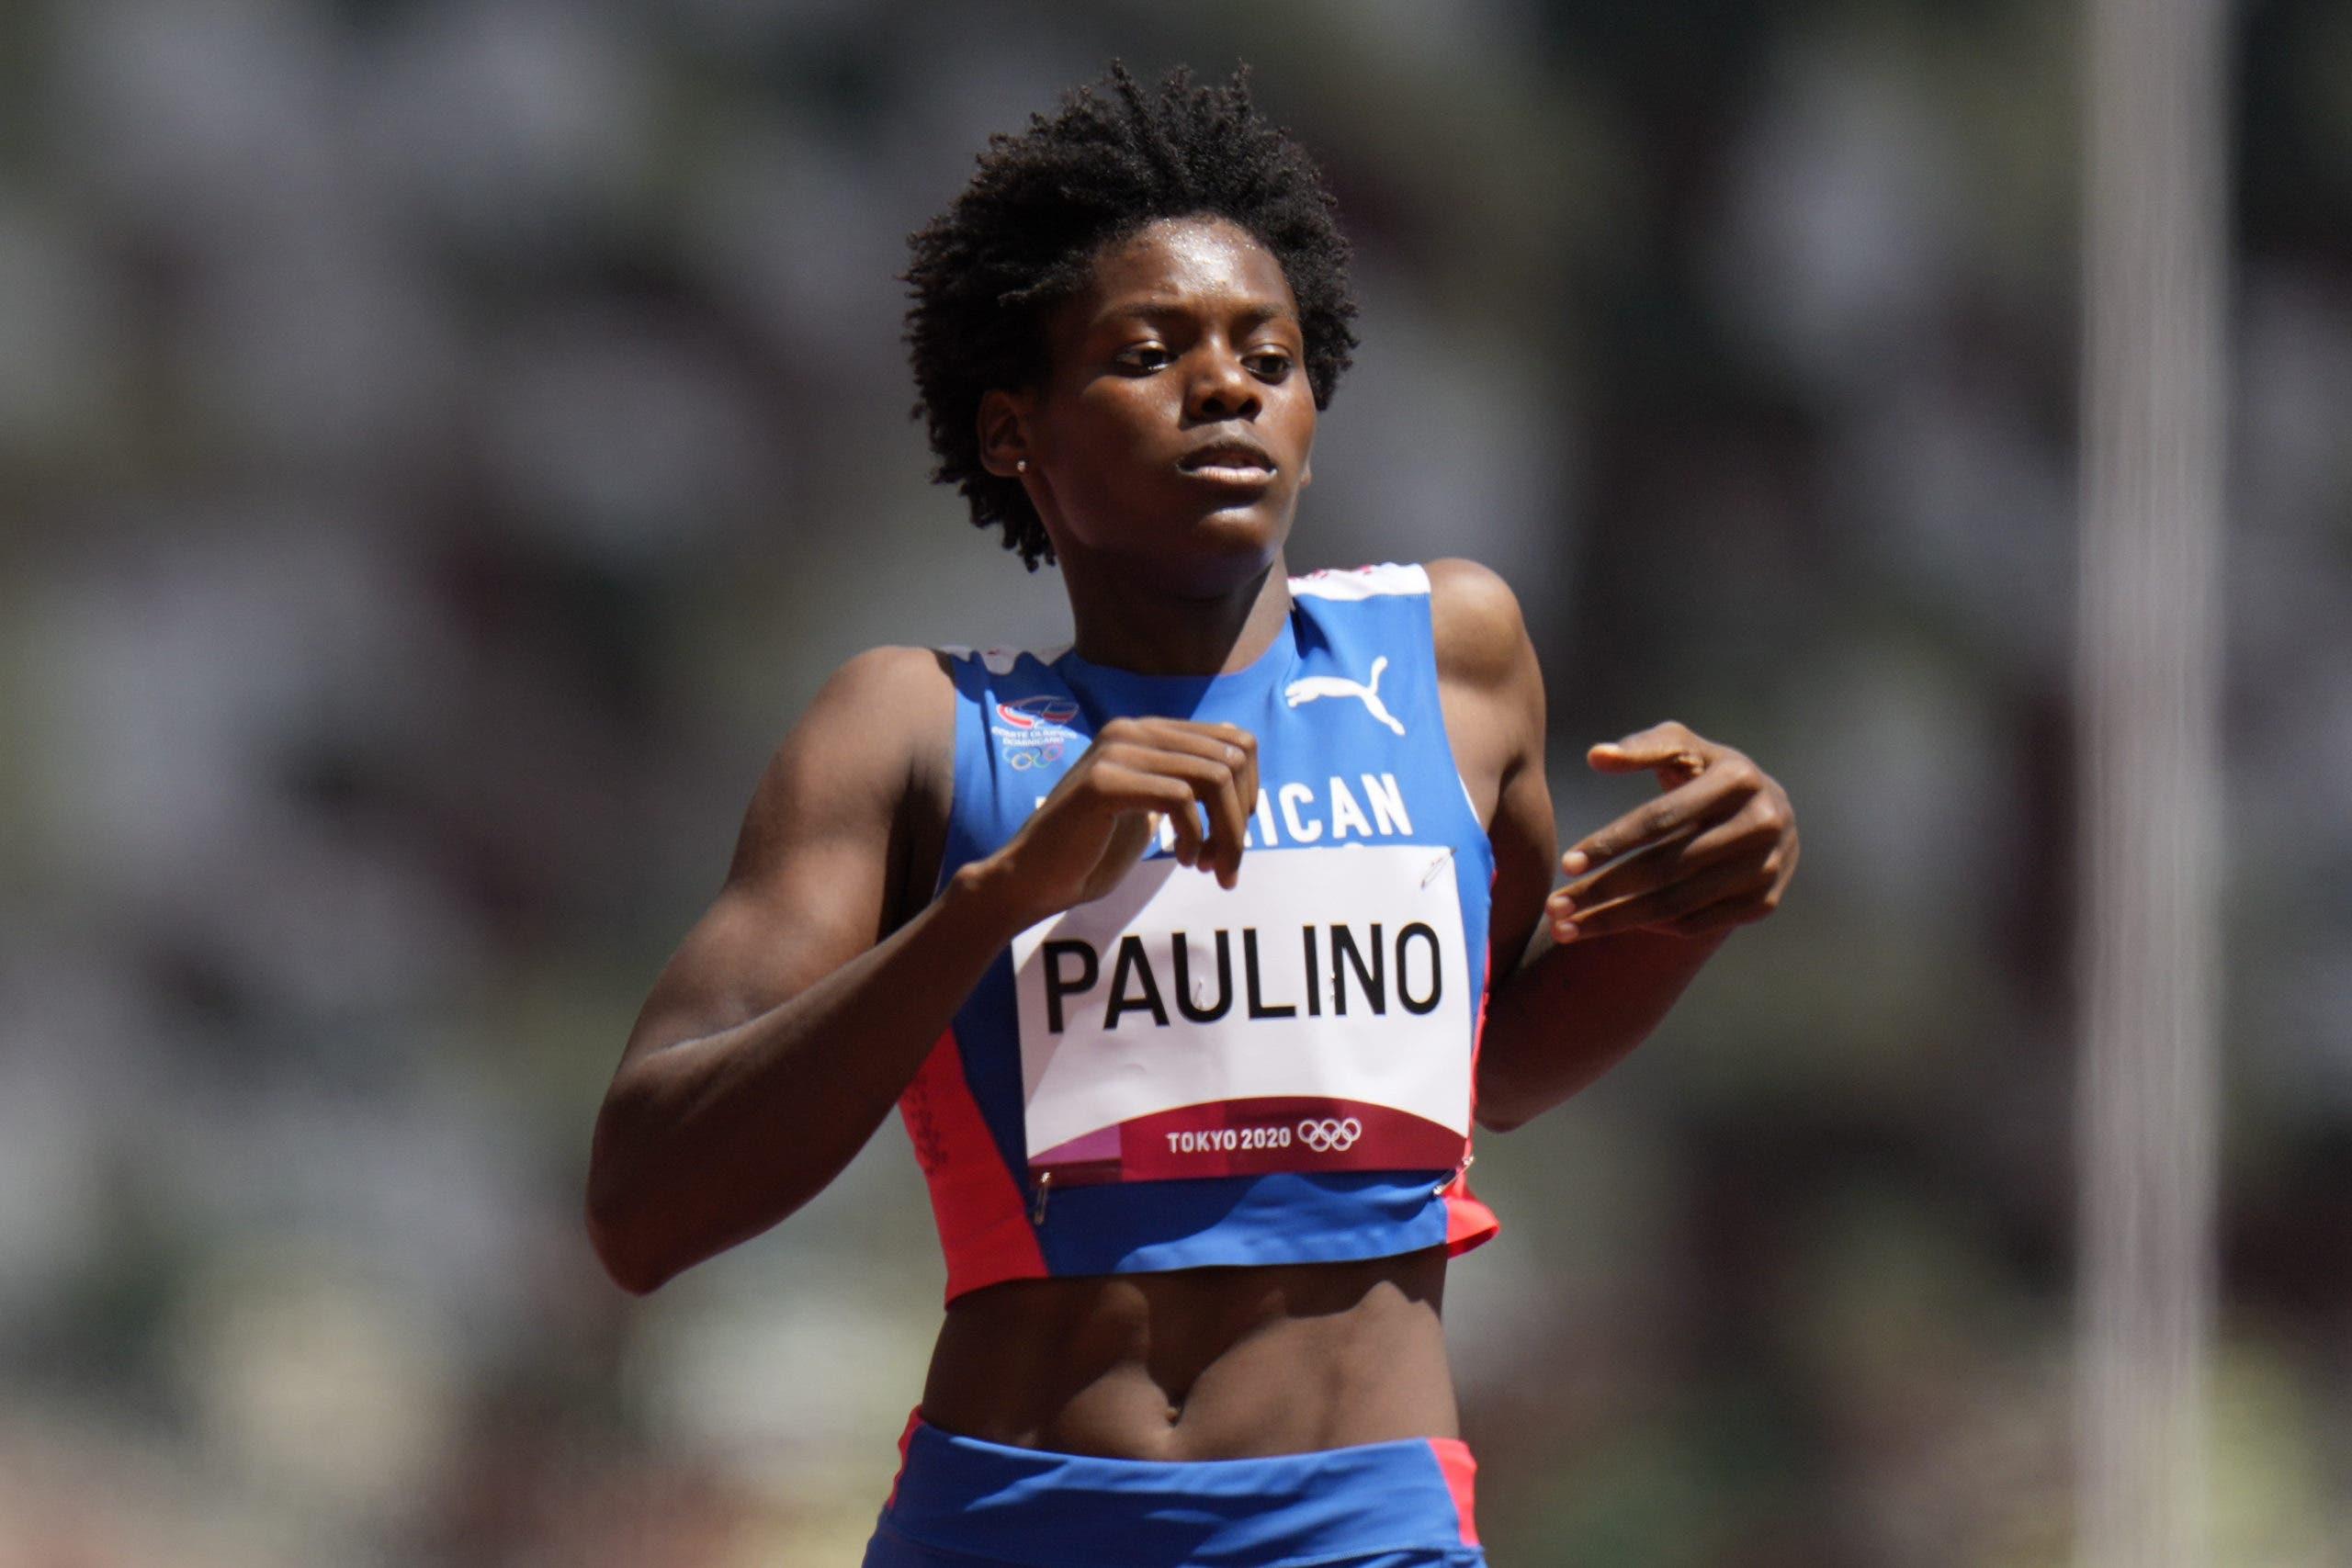 Marileidy Paulino corre la semifinal de los 400 metros este miércoles